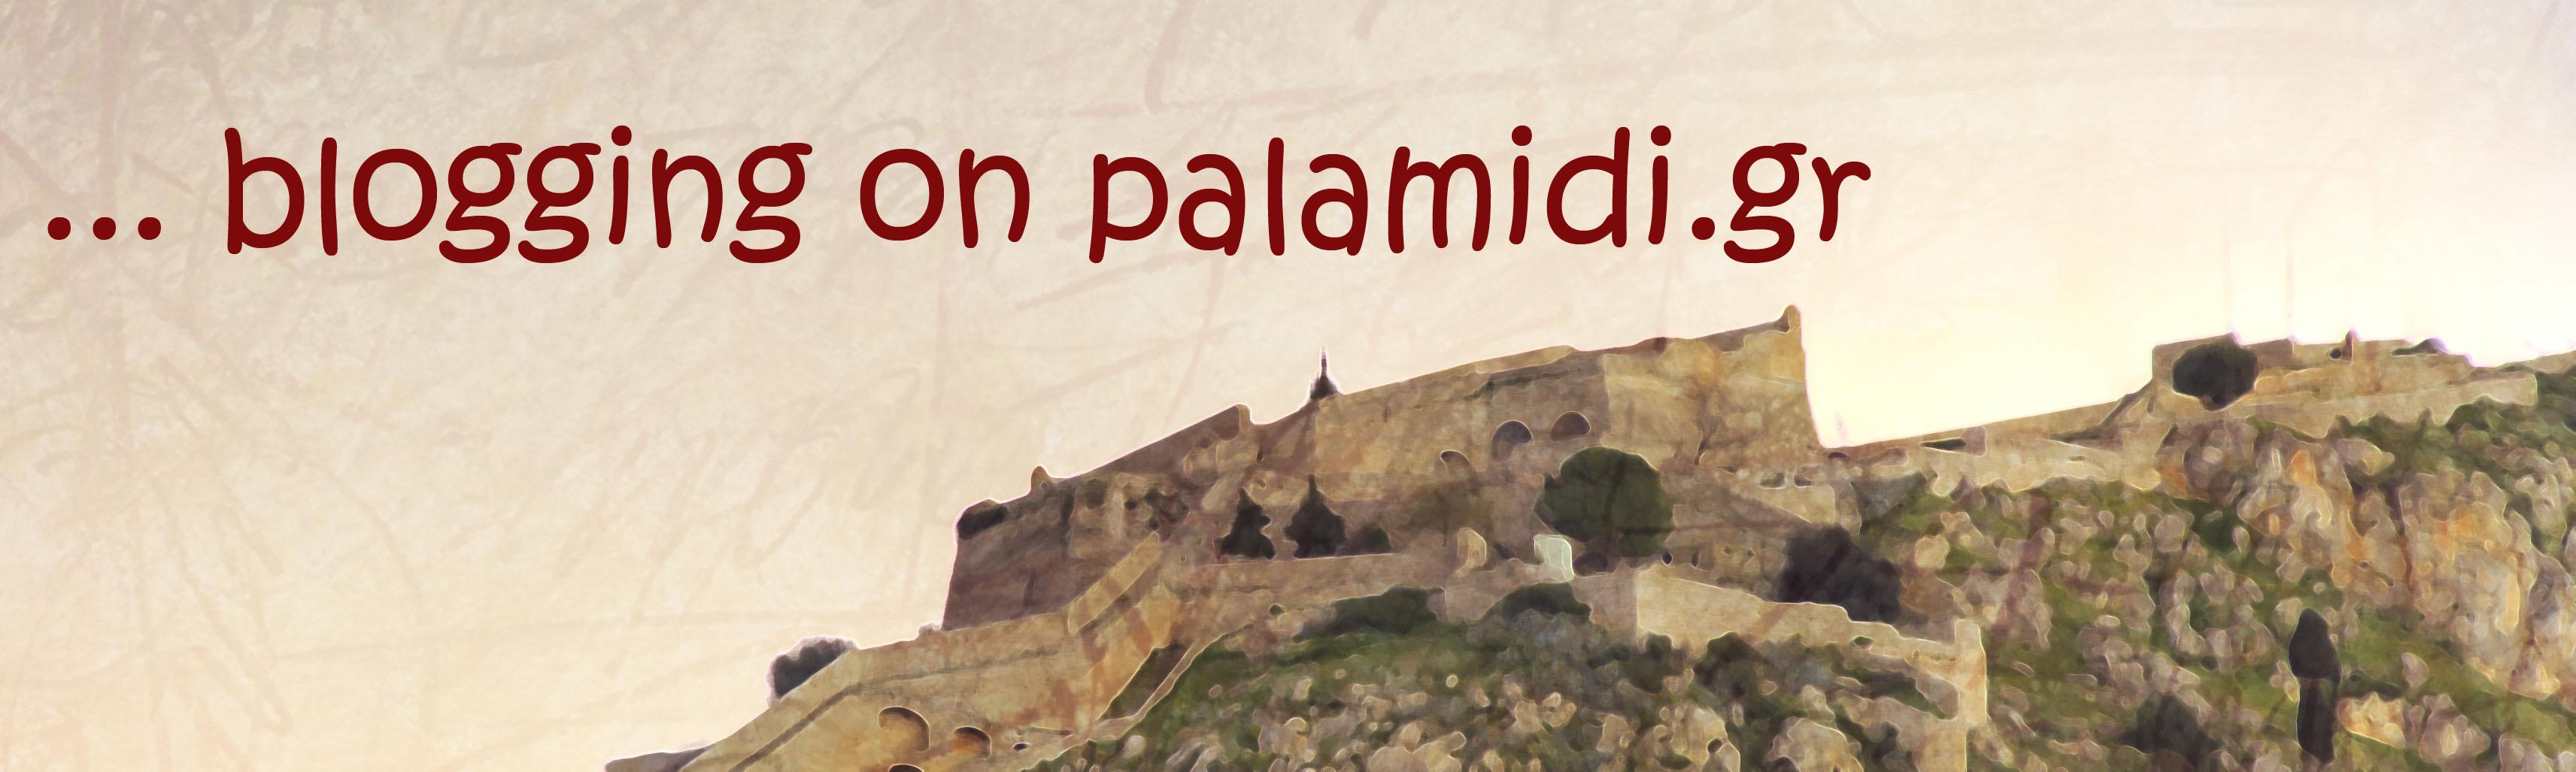 palamidi.gr